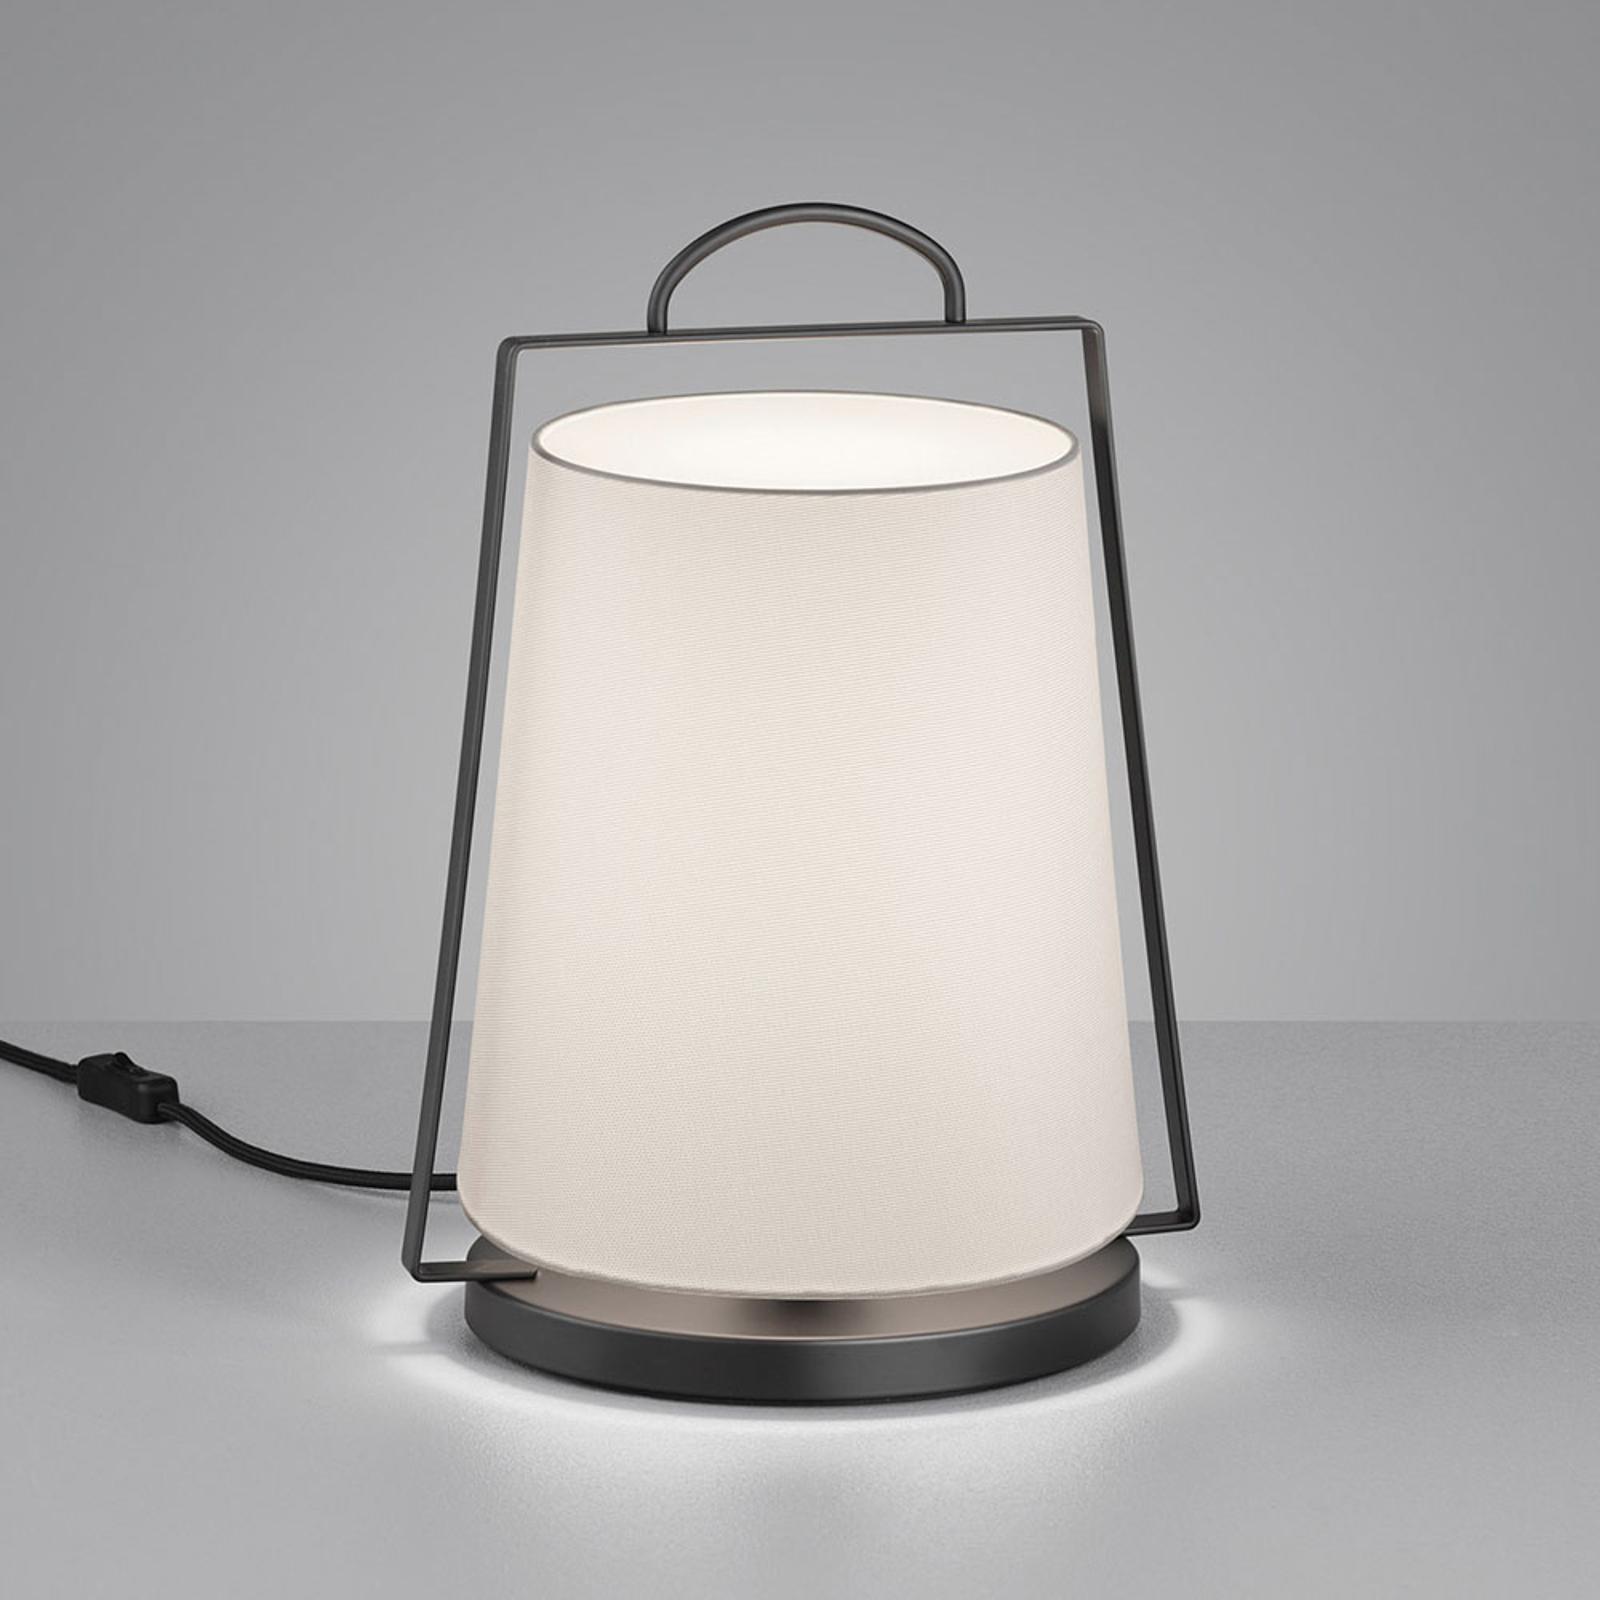 Helestra Uka tafellamp met stoffen kap wit